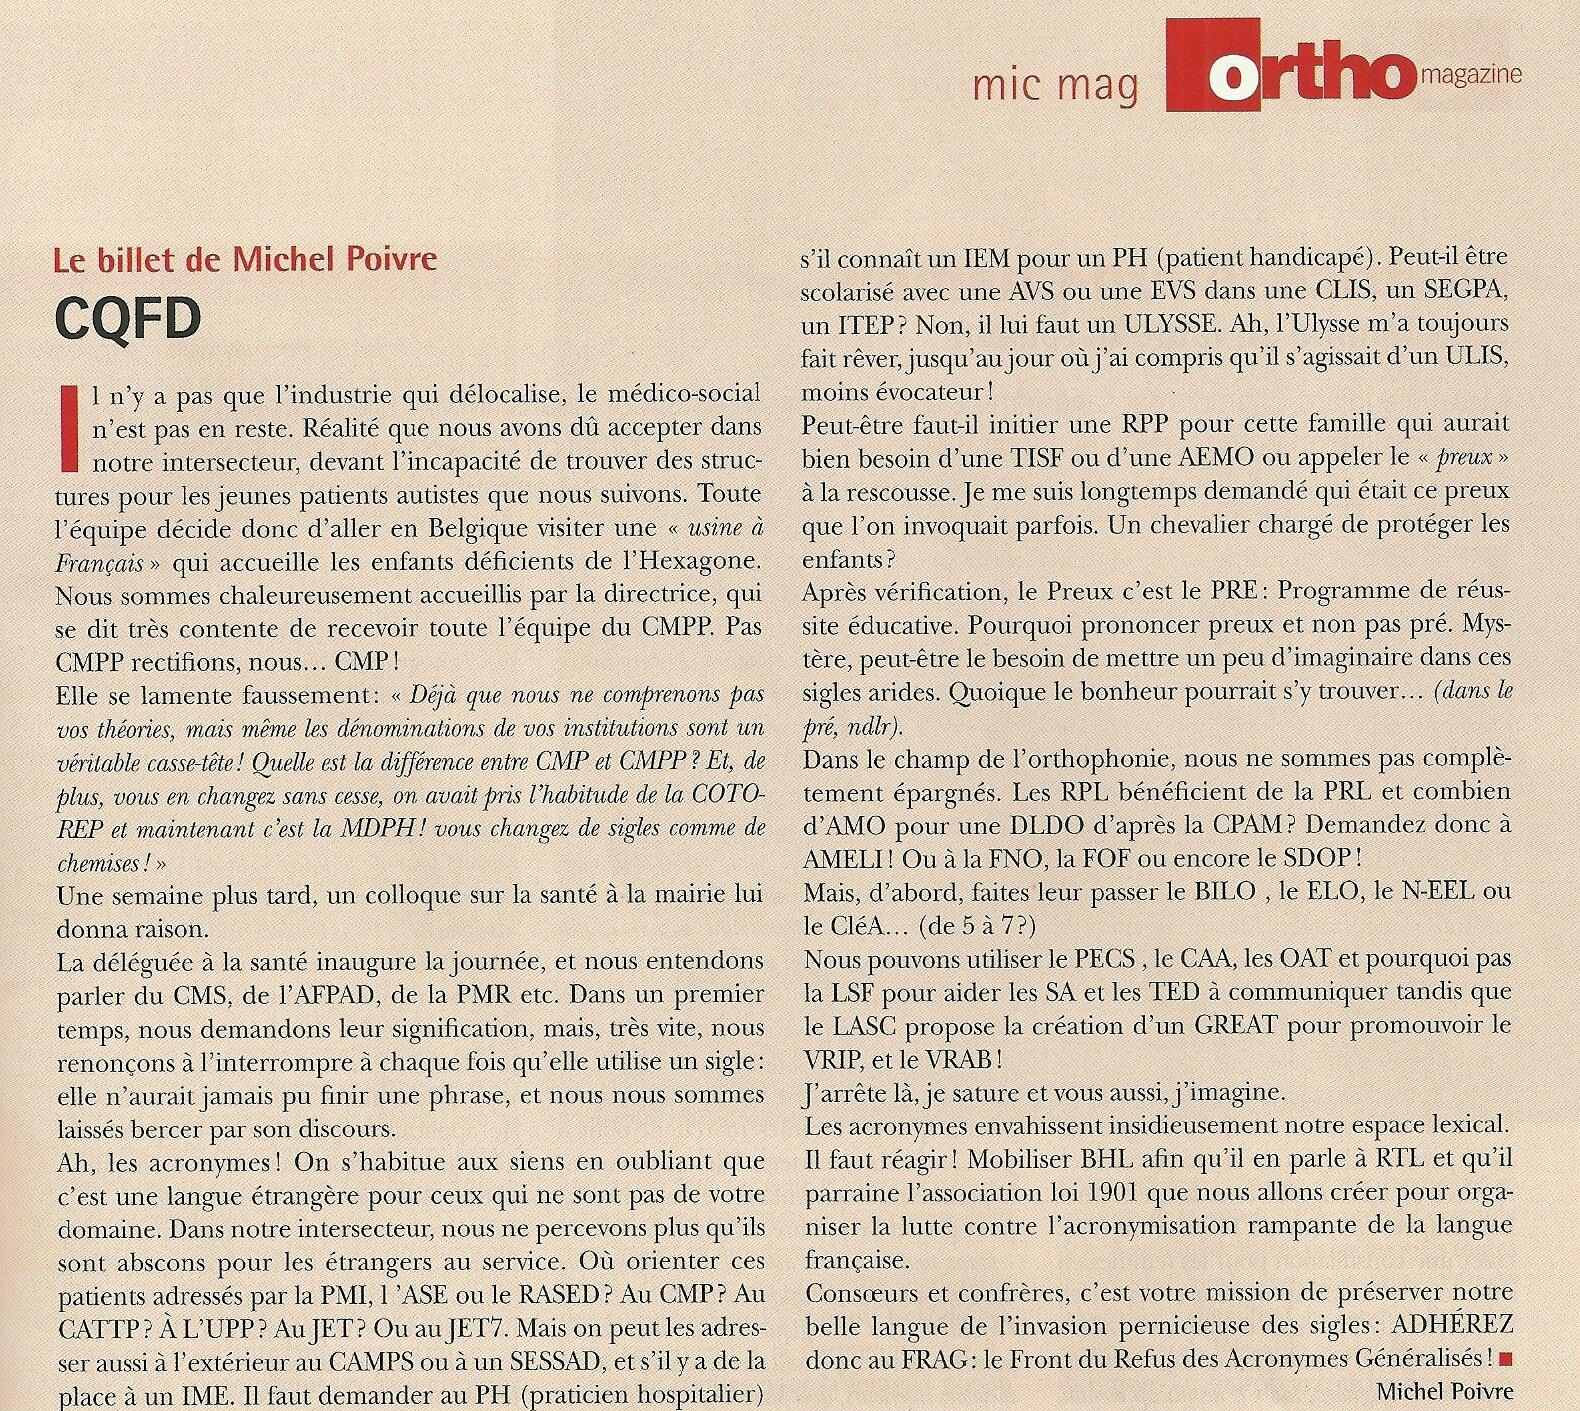 Orthomagazine